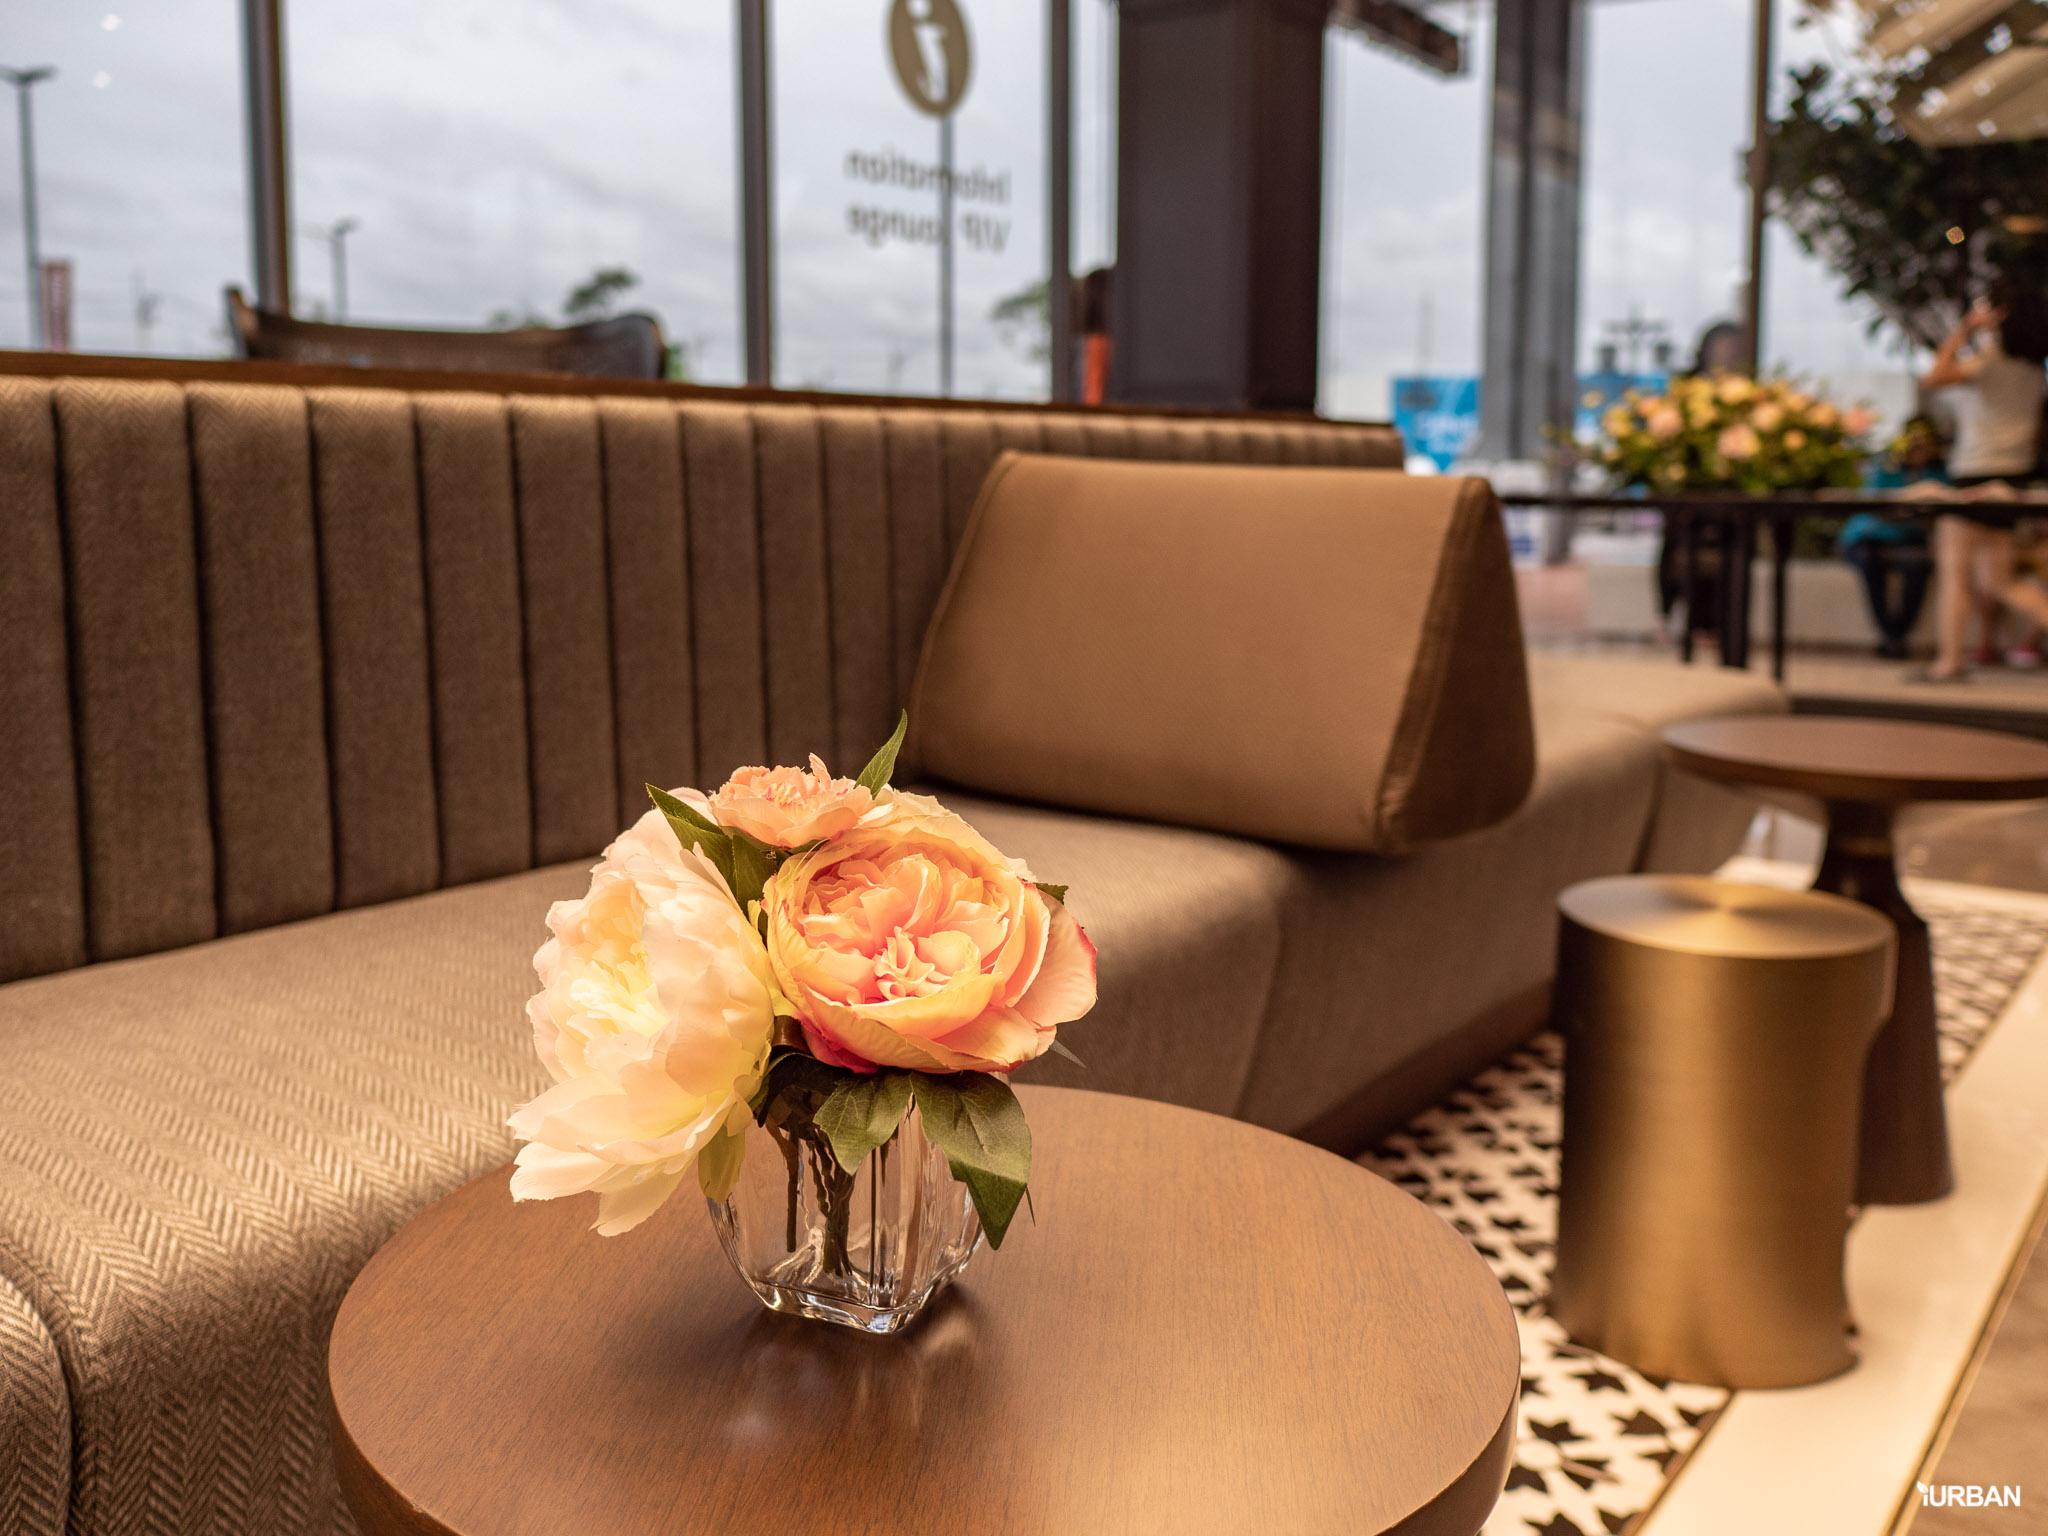 14 เรื่องของ Central Village โปรเจคใหม่ Luxury Outlet แห่งแรกของไทยที่คุณควรรู้ #พร้อมภาพวันเปิดตัว 75 - Central